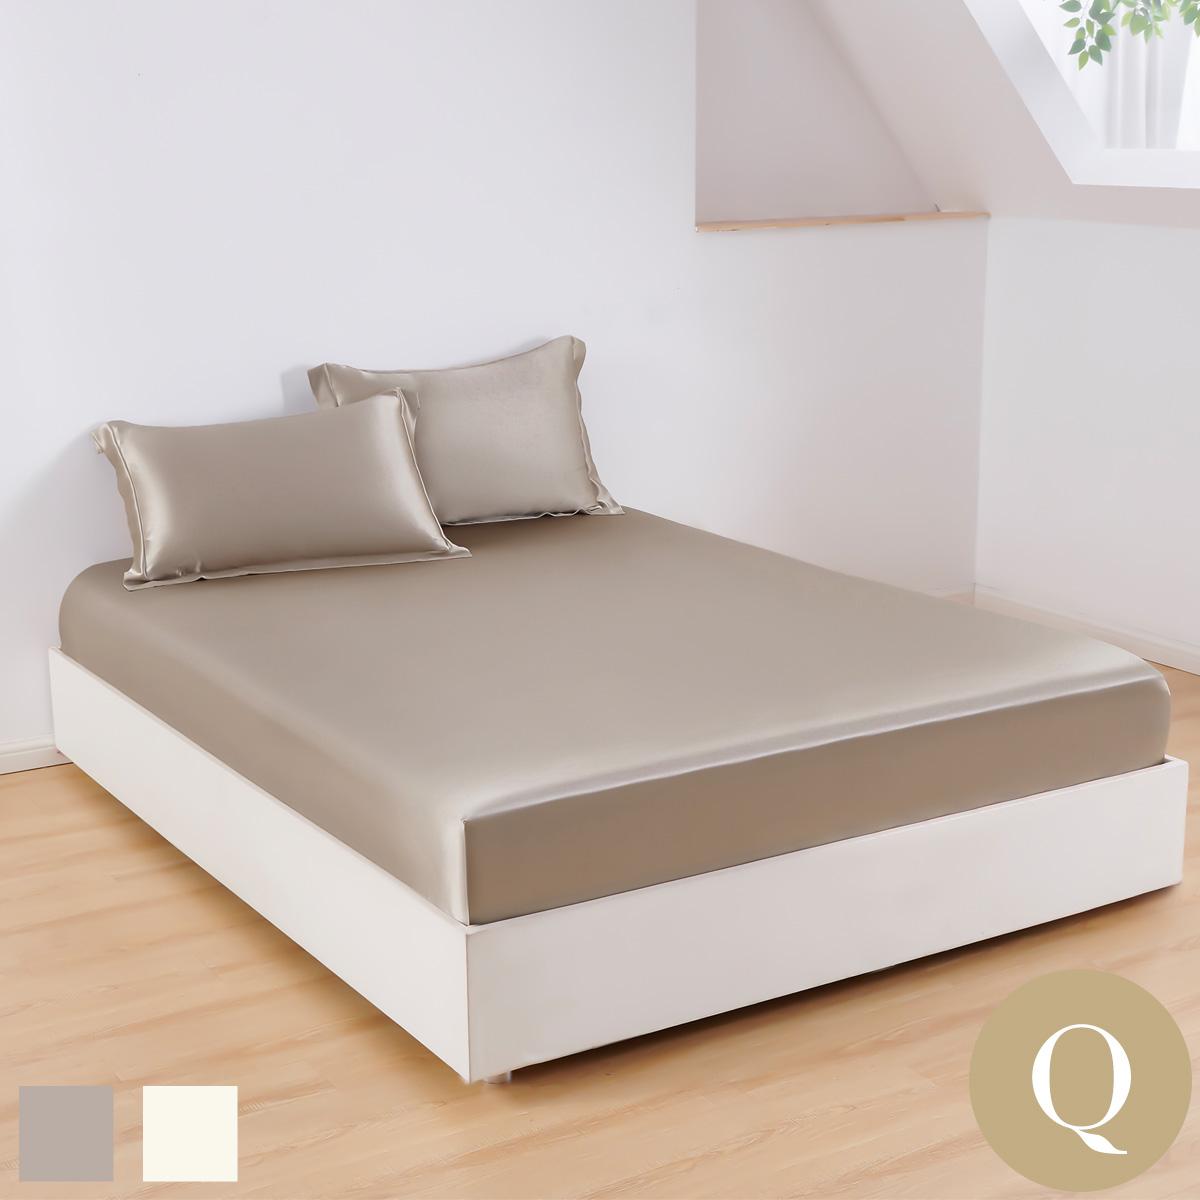 クイーン | 140×200cm | 高さ38cm | ボックスシーツ1枚 | 包み型スタンダード枕カバー2枚 | 22匁 シルク